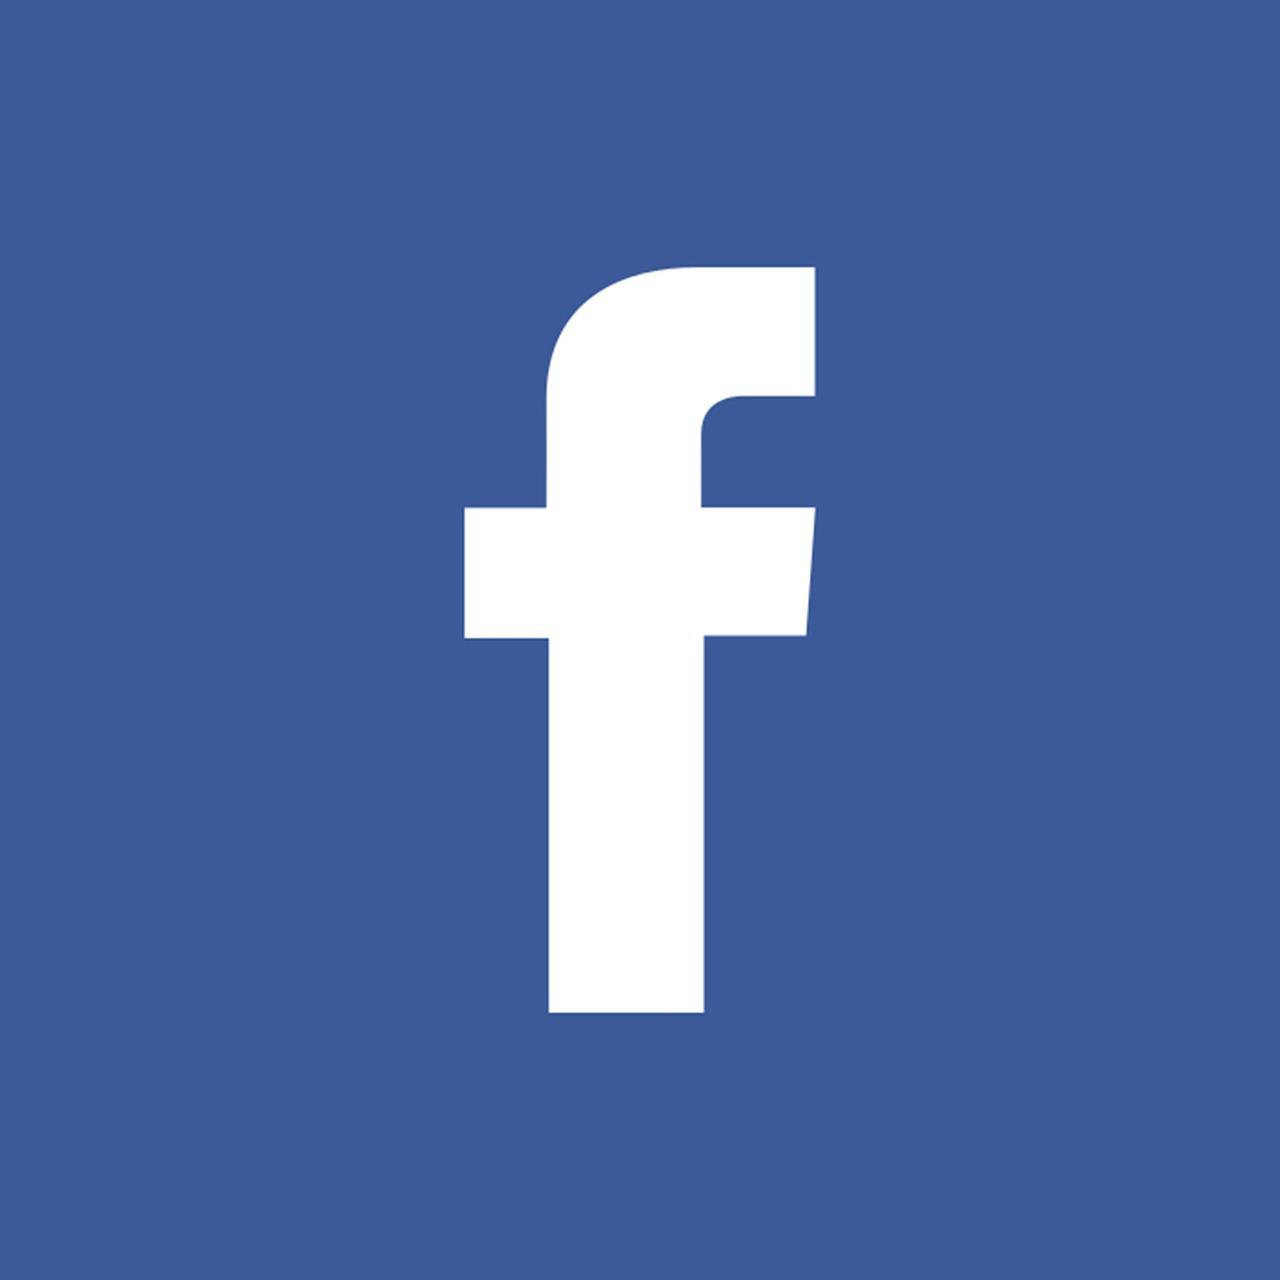 Facebook Kék - Ingyenes kép a Pixabay-en